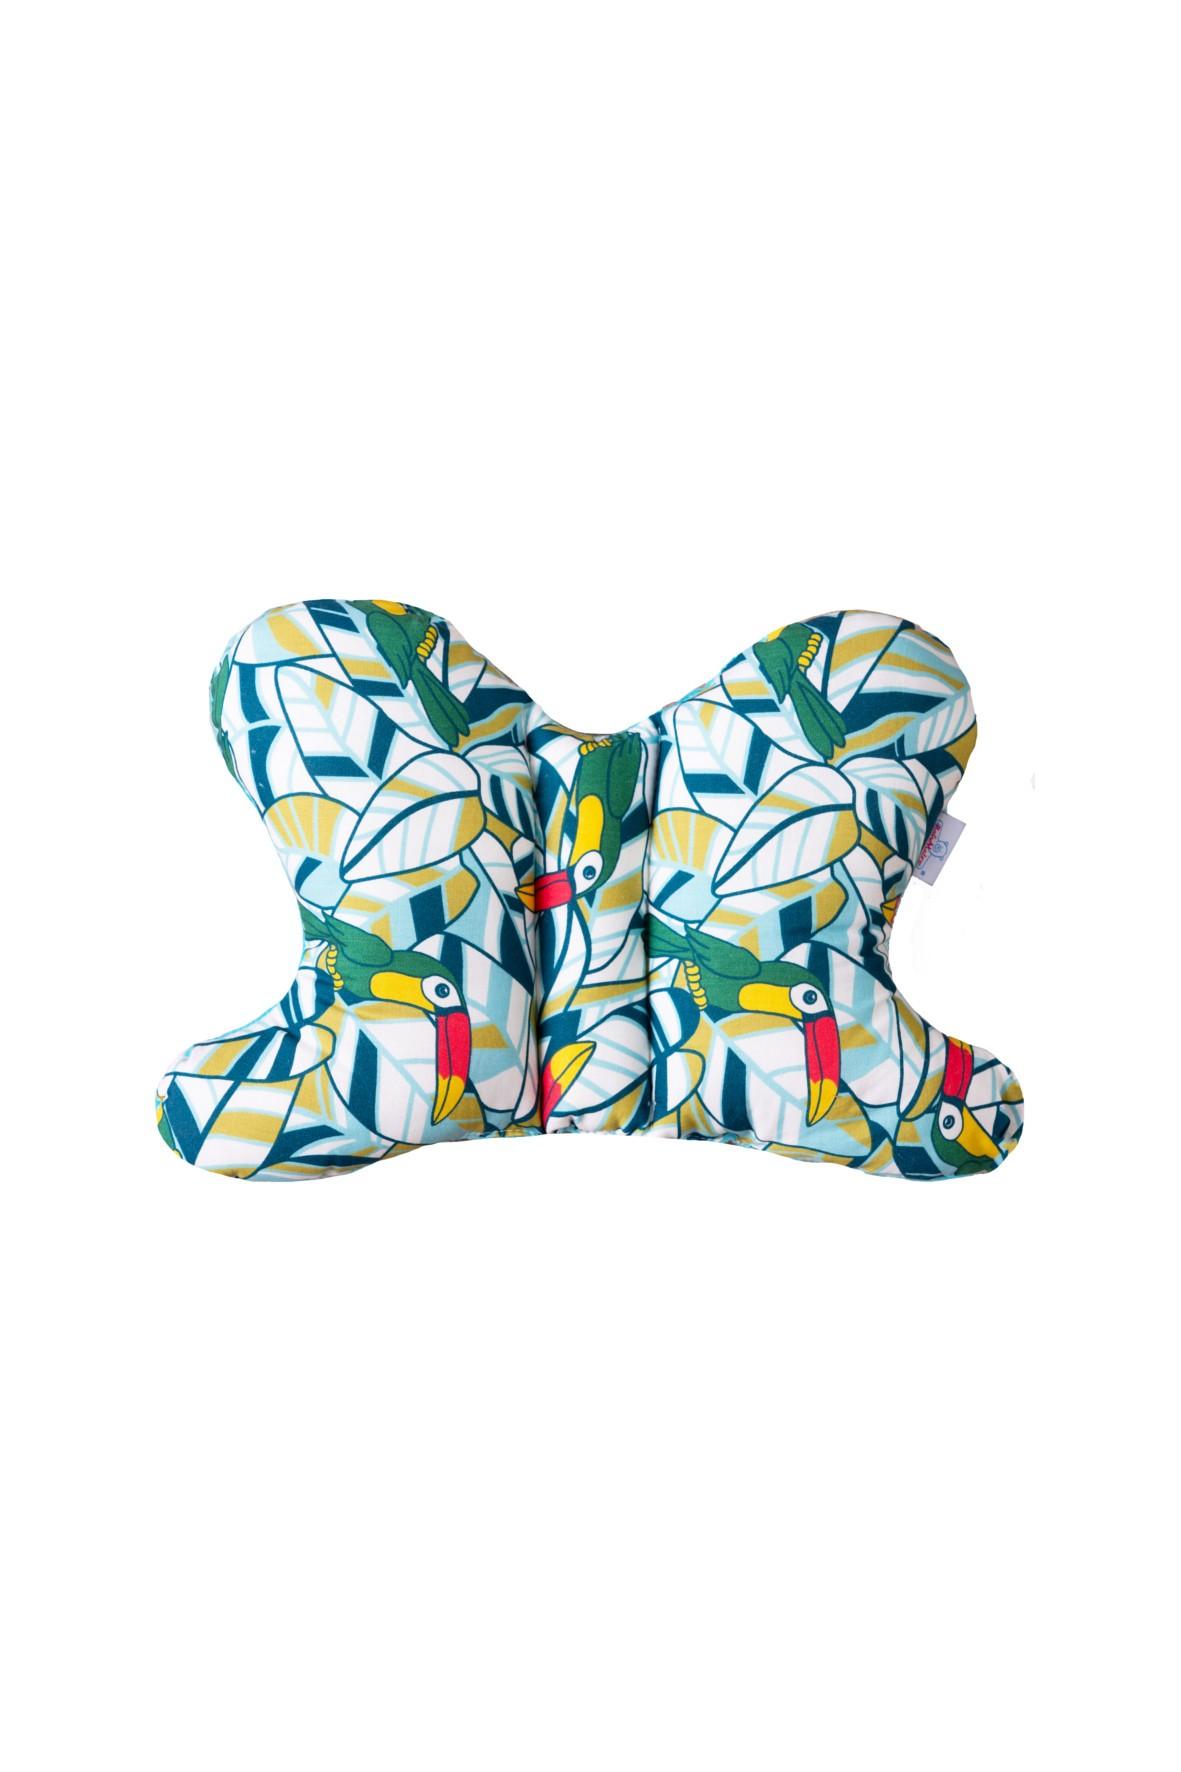 Poduszka pozycjonująca motyle- wzór w tukany